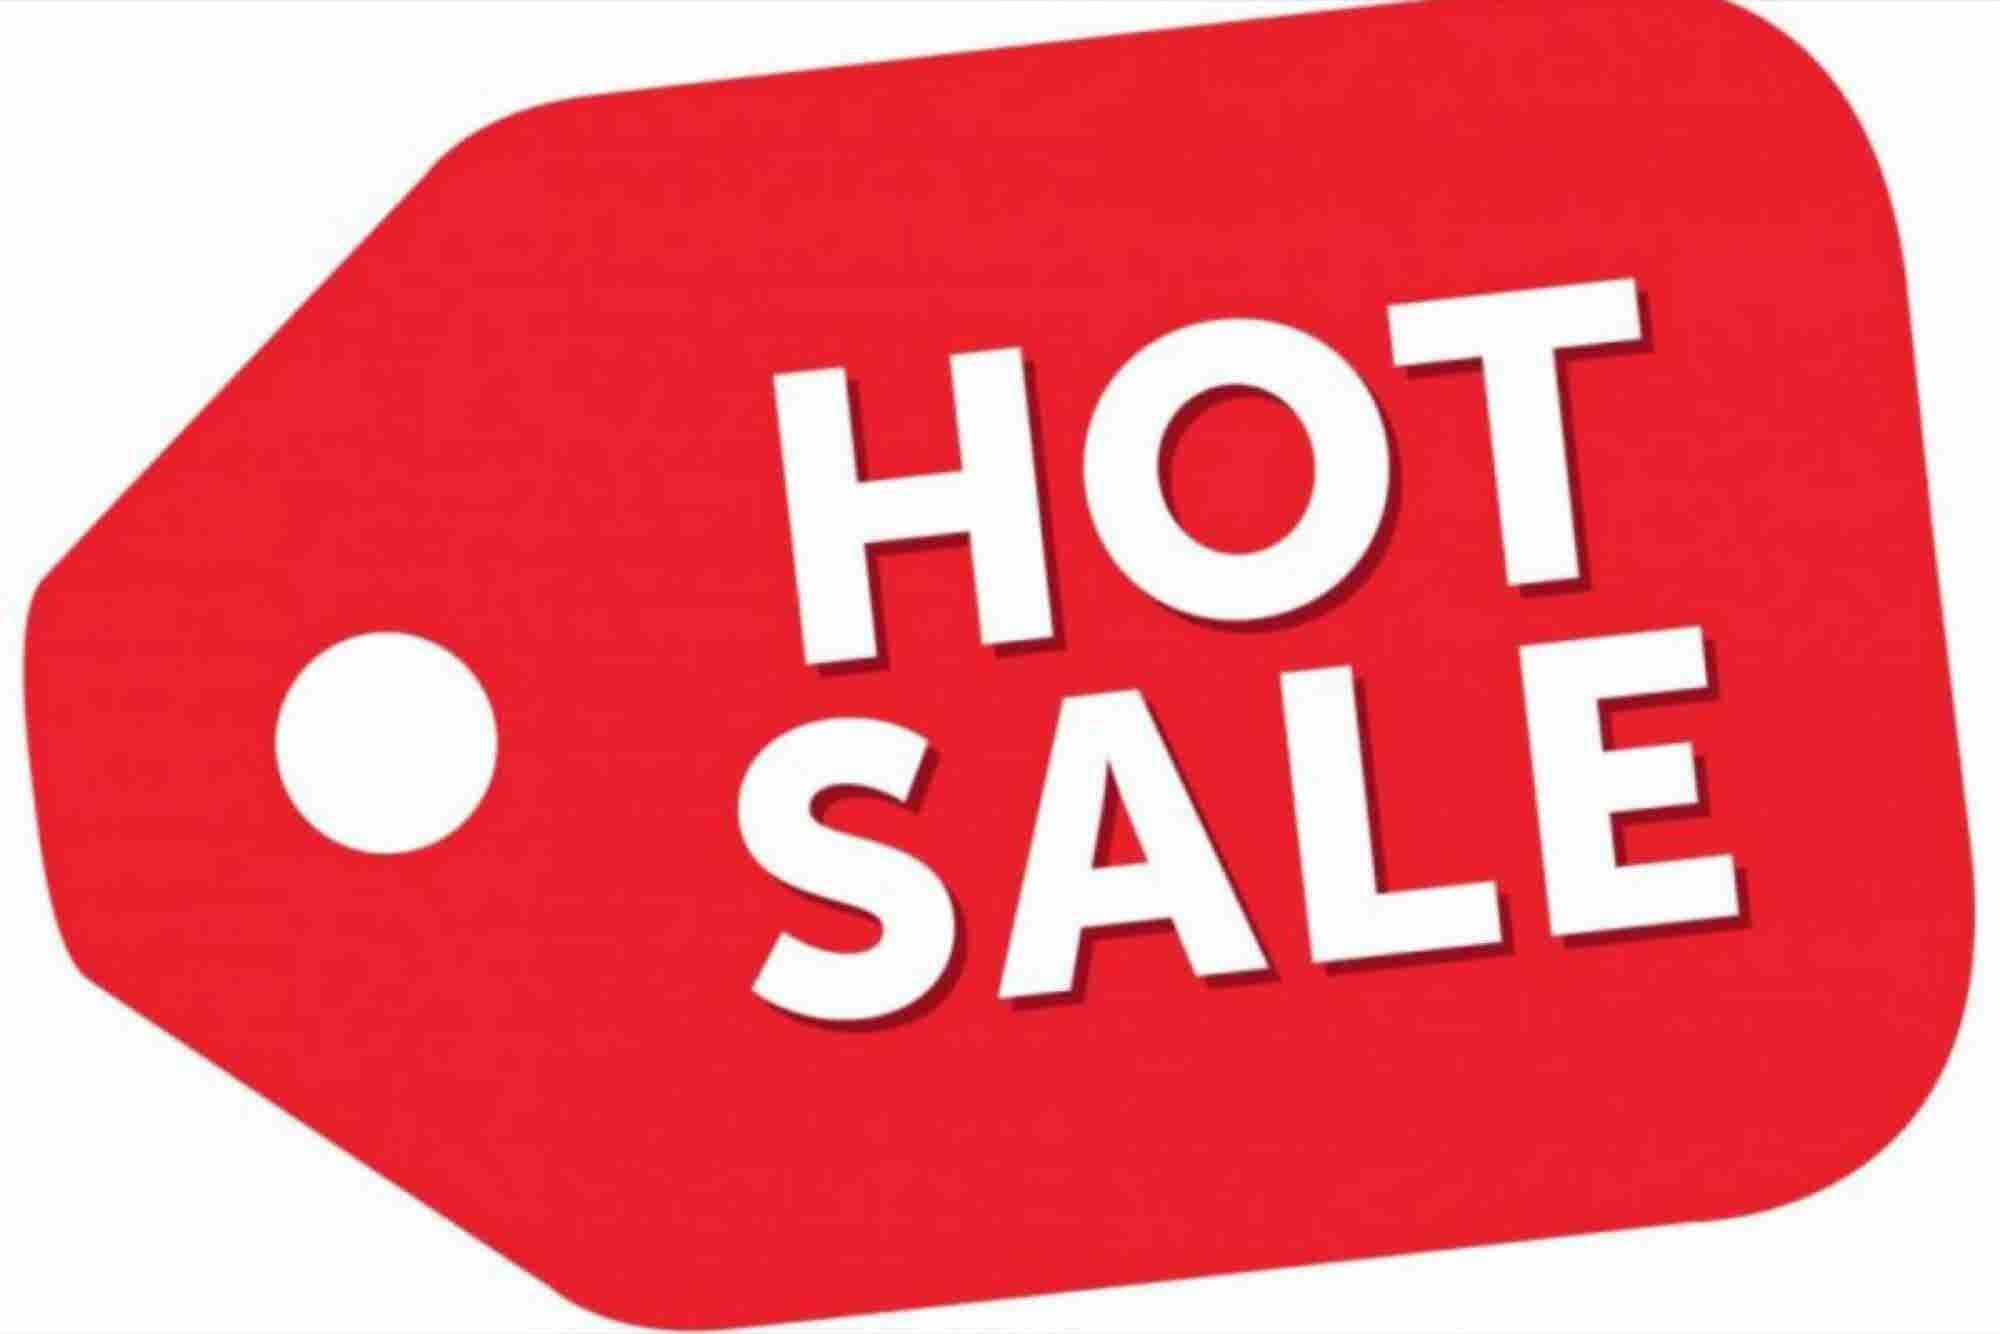 Hot Sale quiere impulsar a startups y Pymes en e-commerce